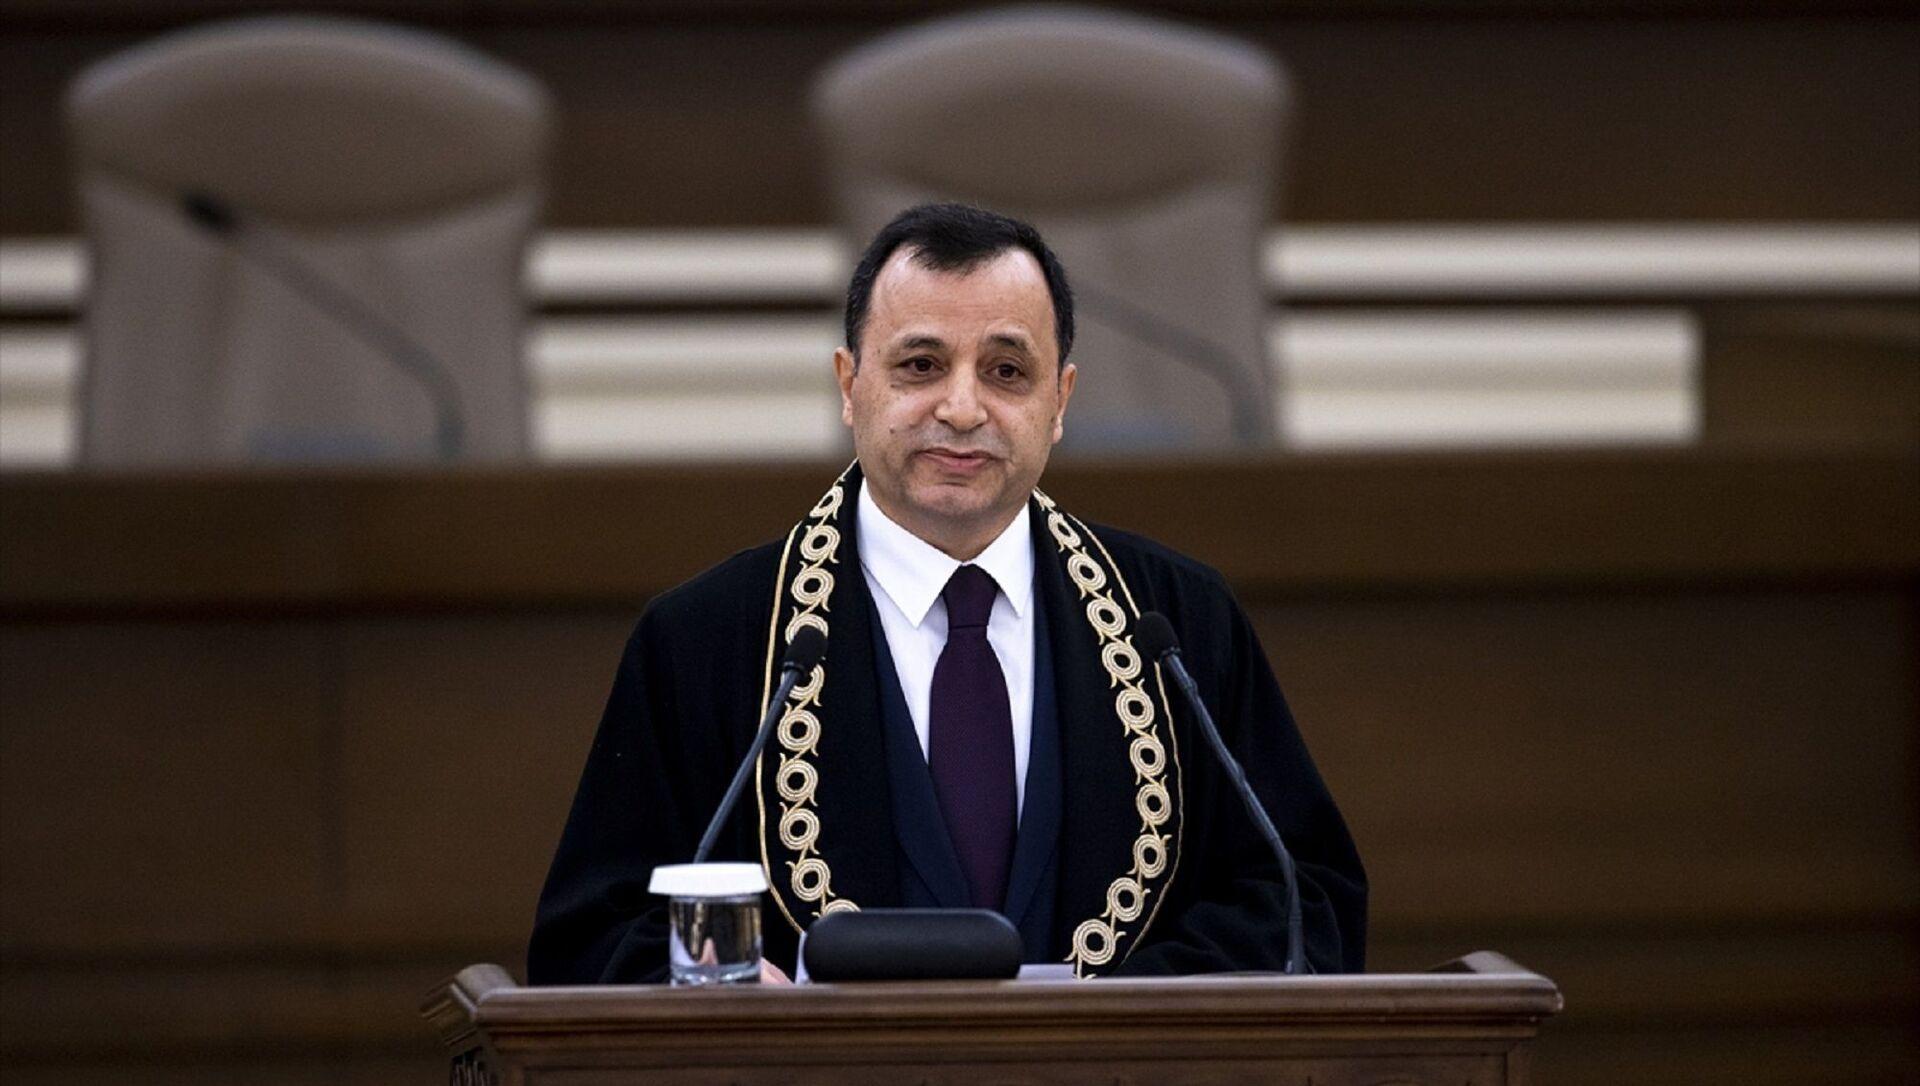 Anayasa Mahkemesi Başkanı Zühtü Arslan - Sputnik Türkiye, 1920, 28.06.2021